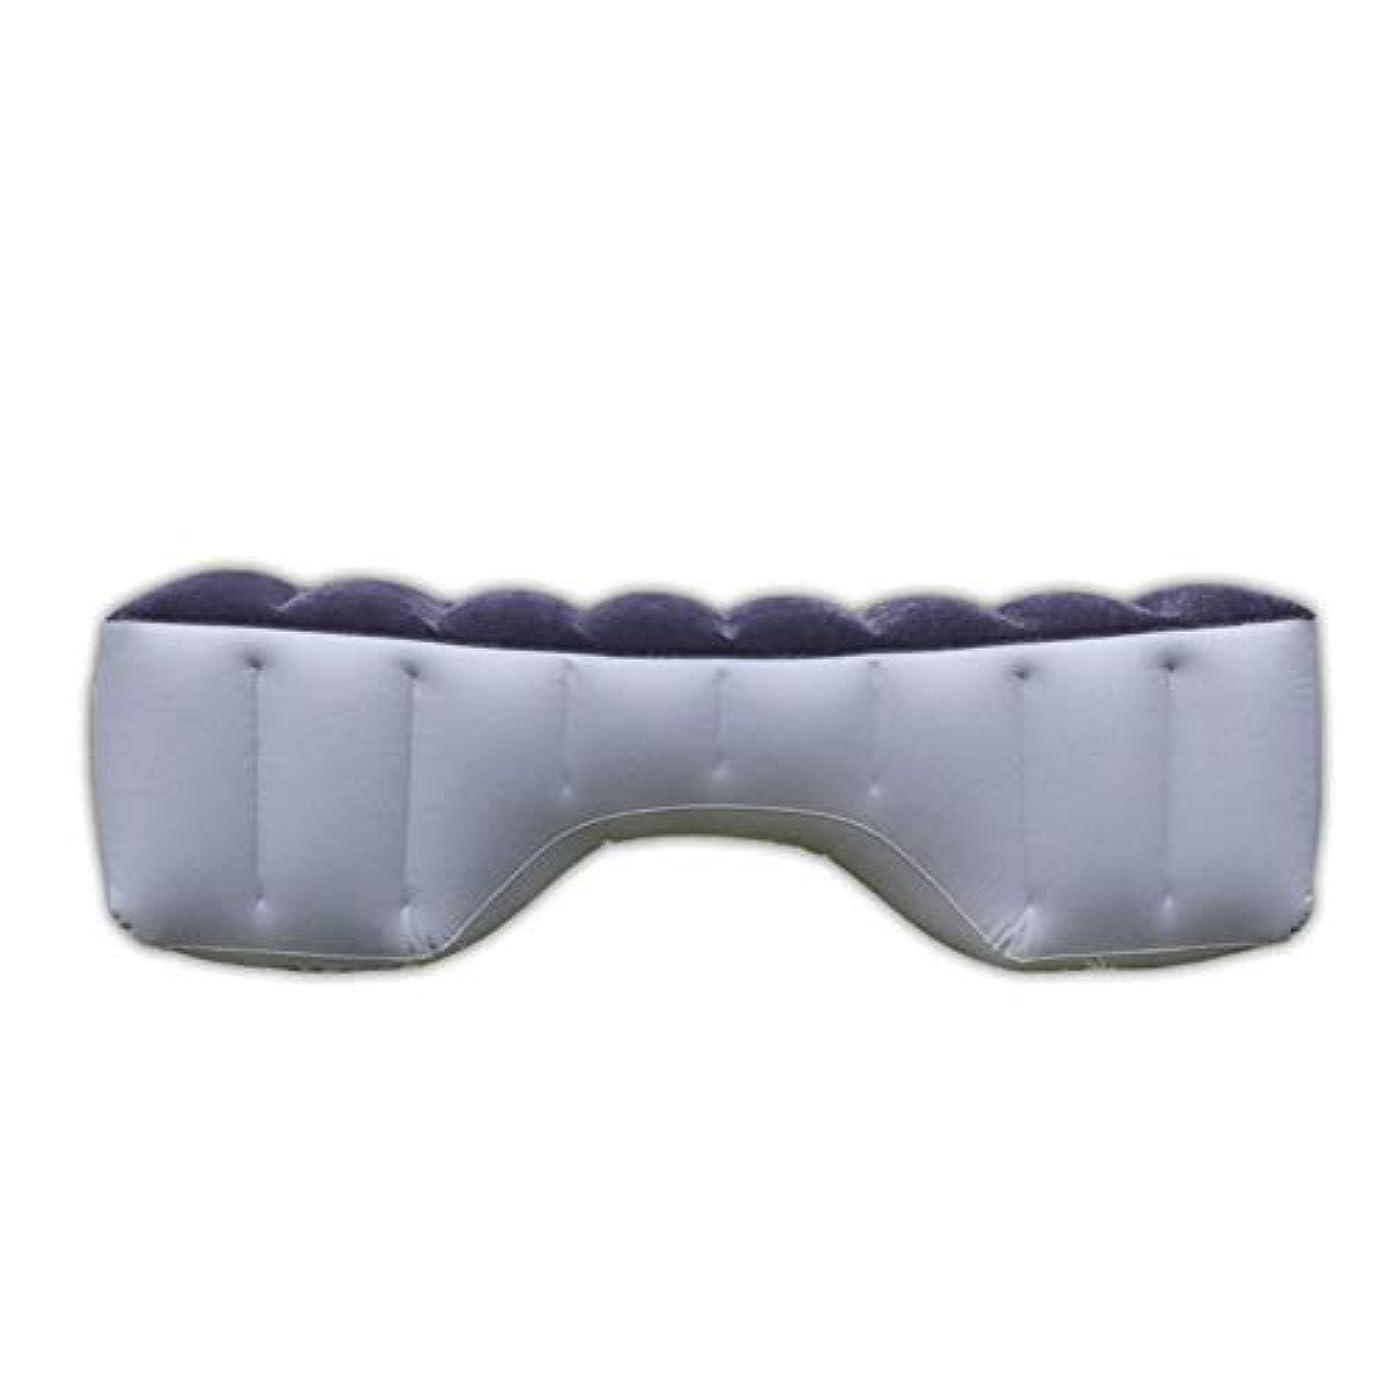 橋脚フィールド何でもBXXU爪切りセットステンレス鋼ブラックペディキュアはさみピンセットマニキュアセットツールセット爪マニキュアツール